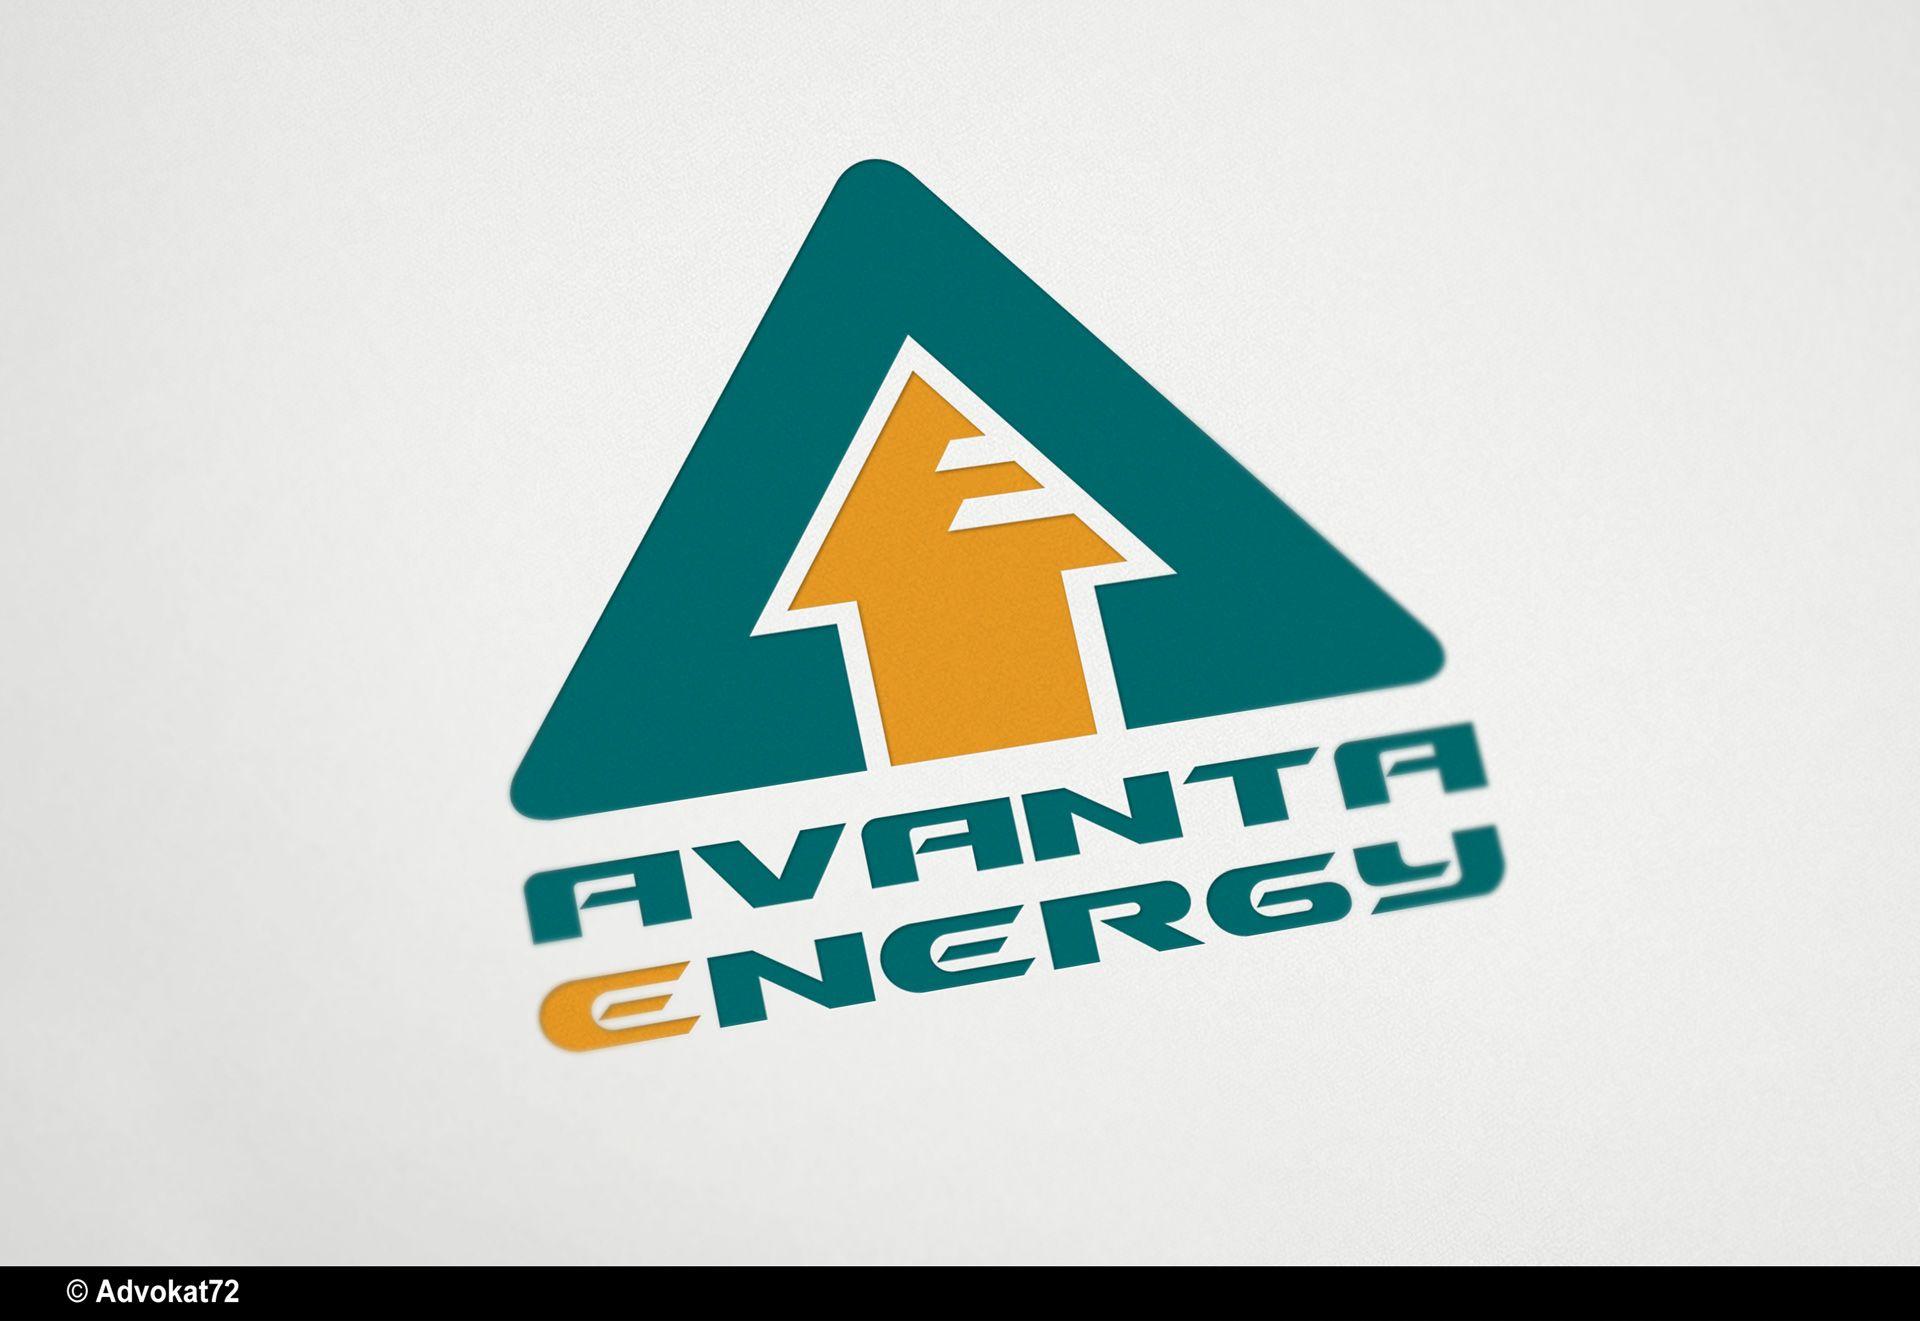 Фирмстиль + лого для переводческой компании - дизайнер Advokat72